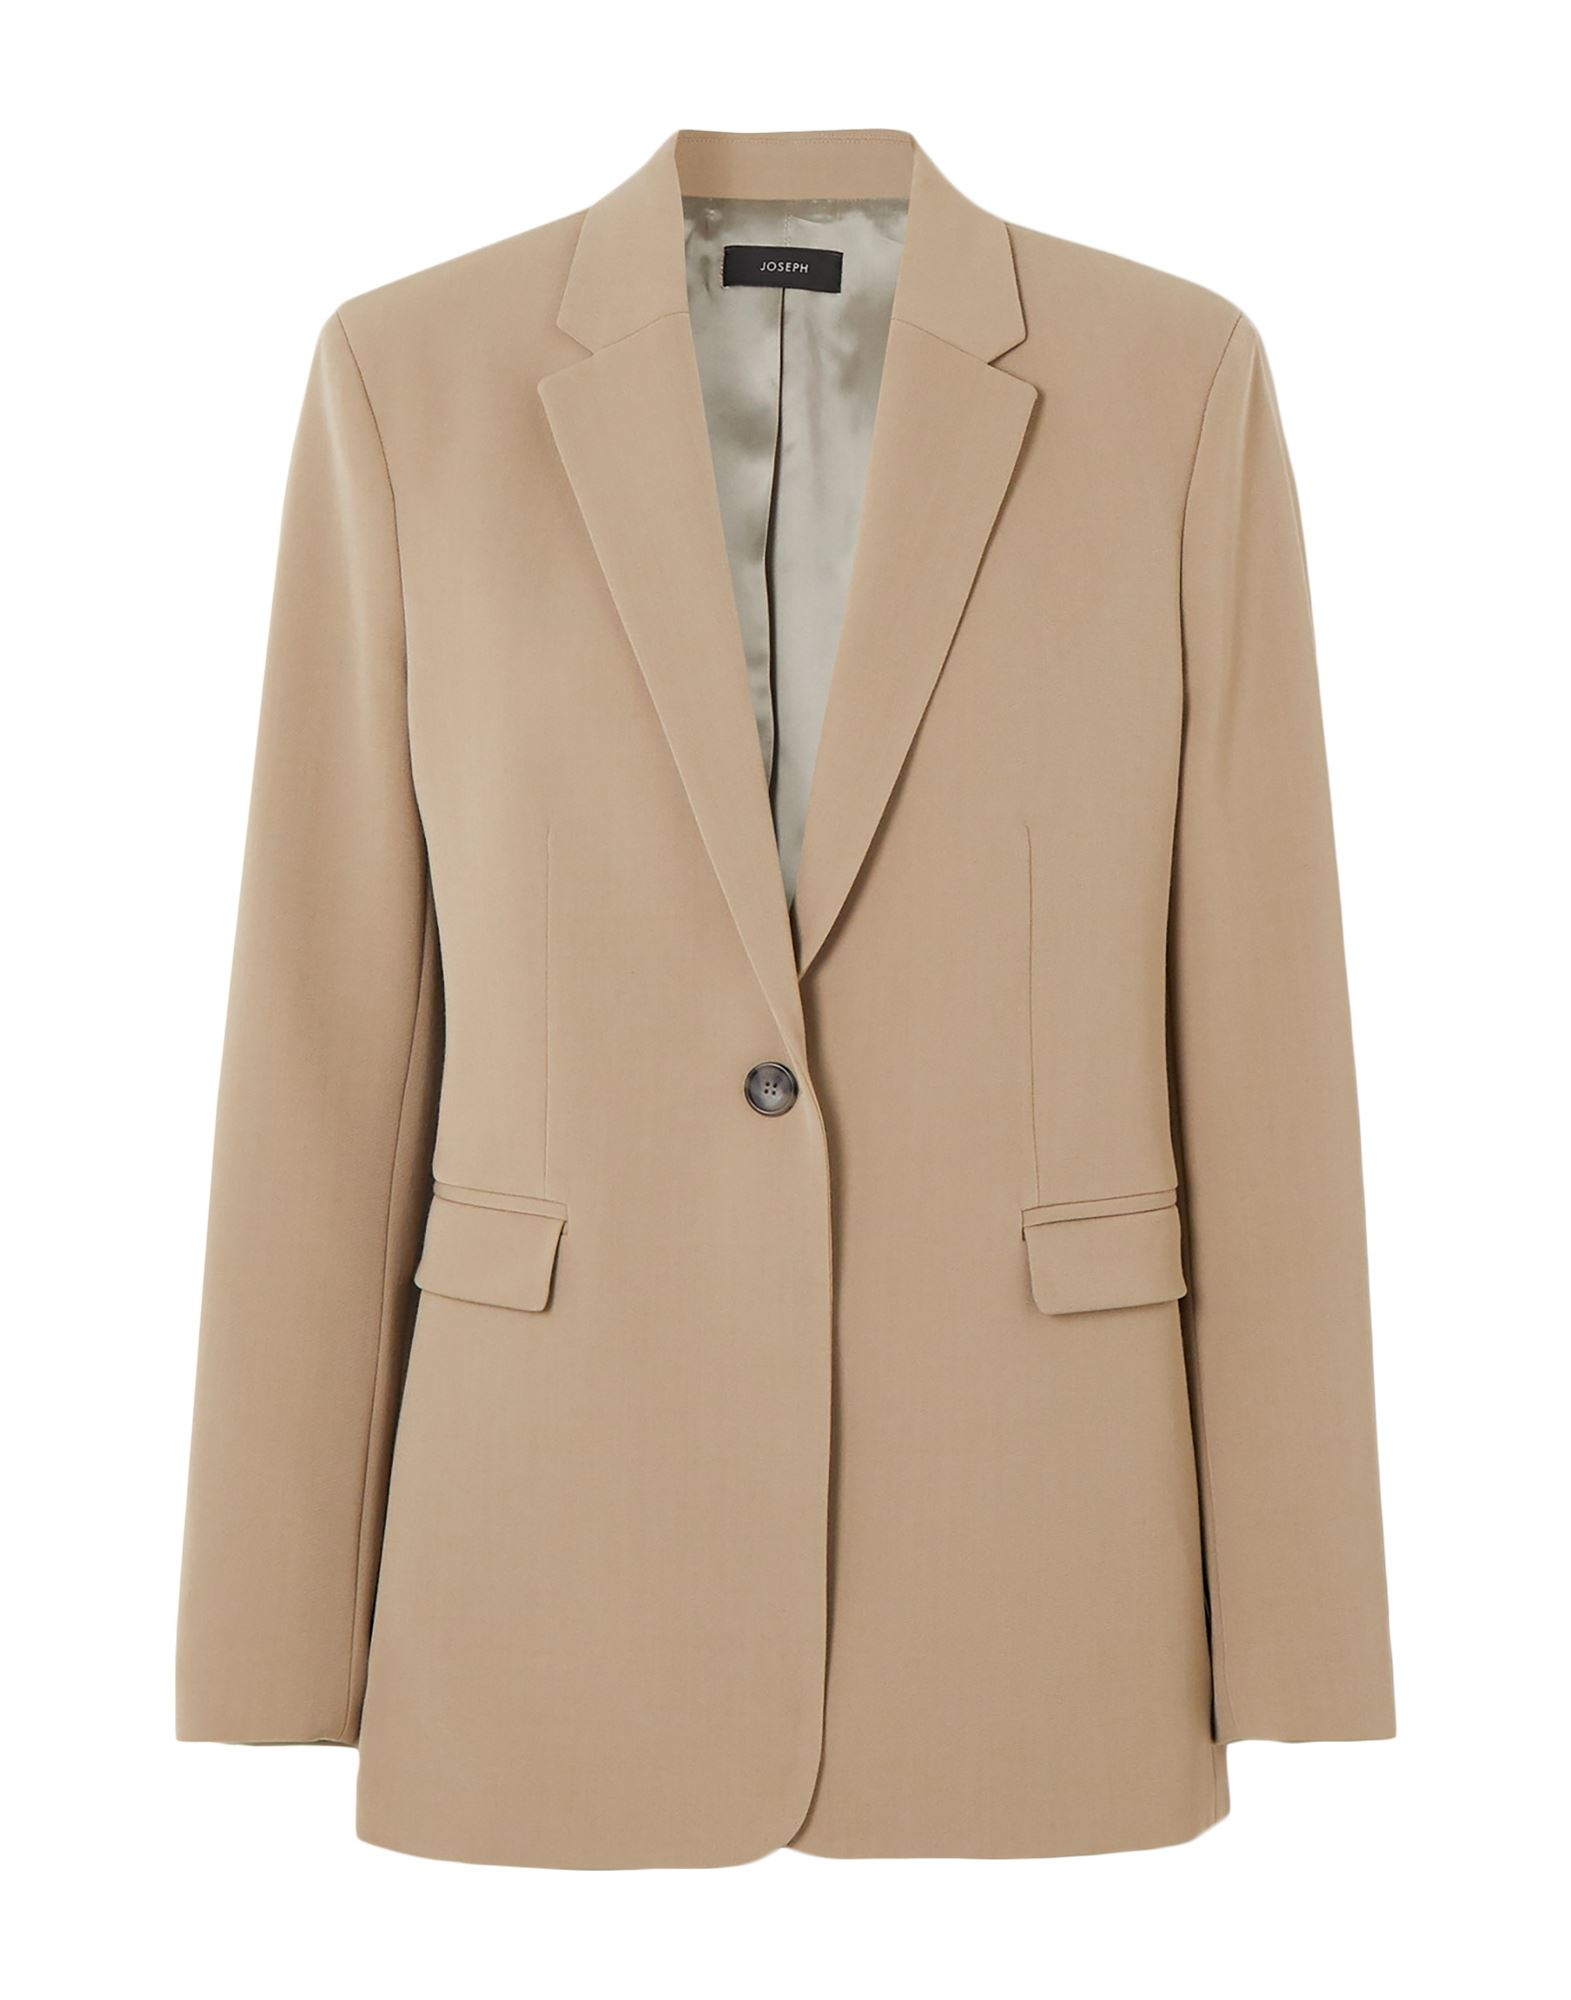 JOSEPH Suit jackets - Item 49618722